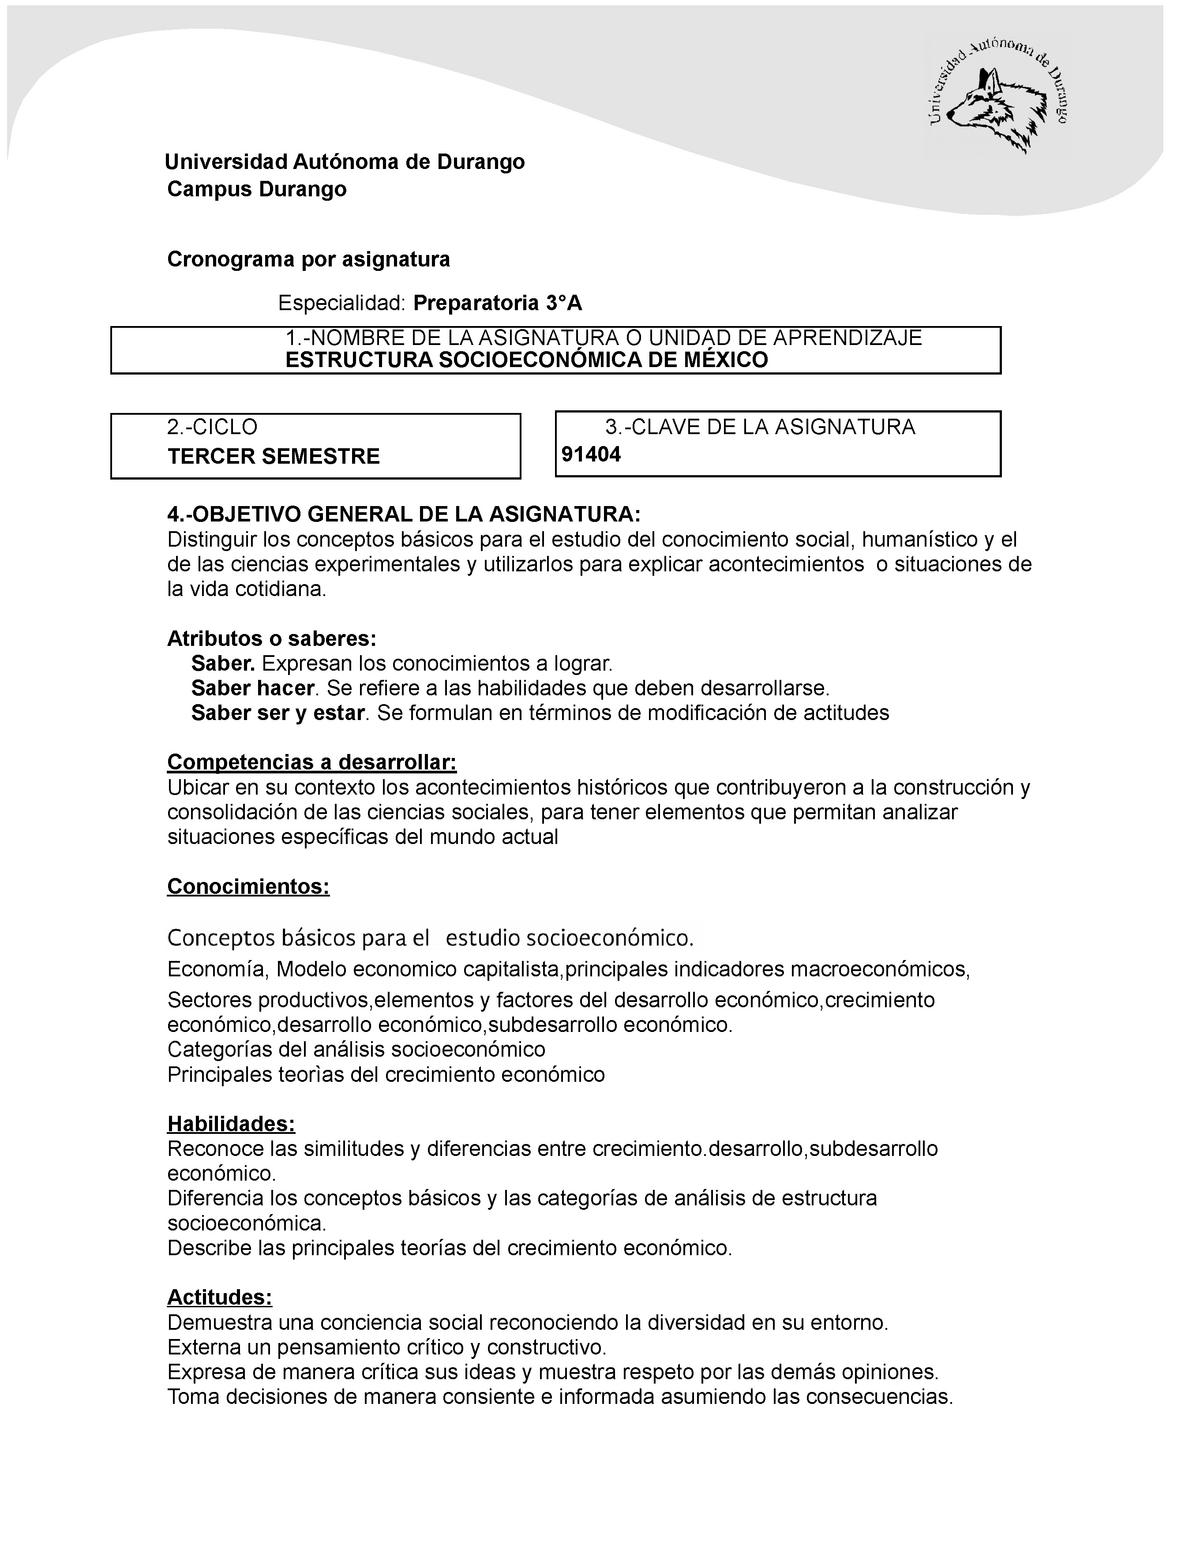 Cronograma De Estructura Socioeconomica De Mexico Taxx 304